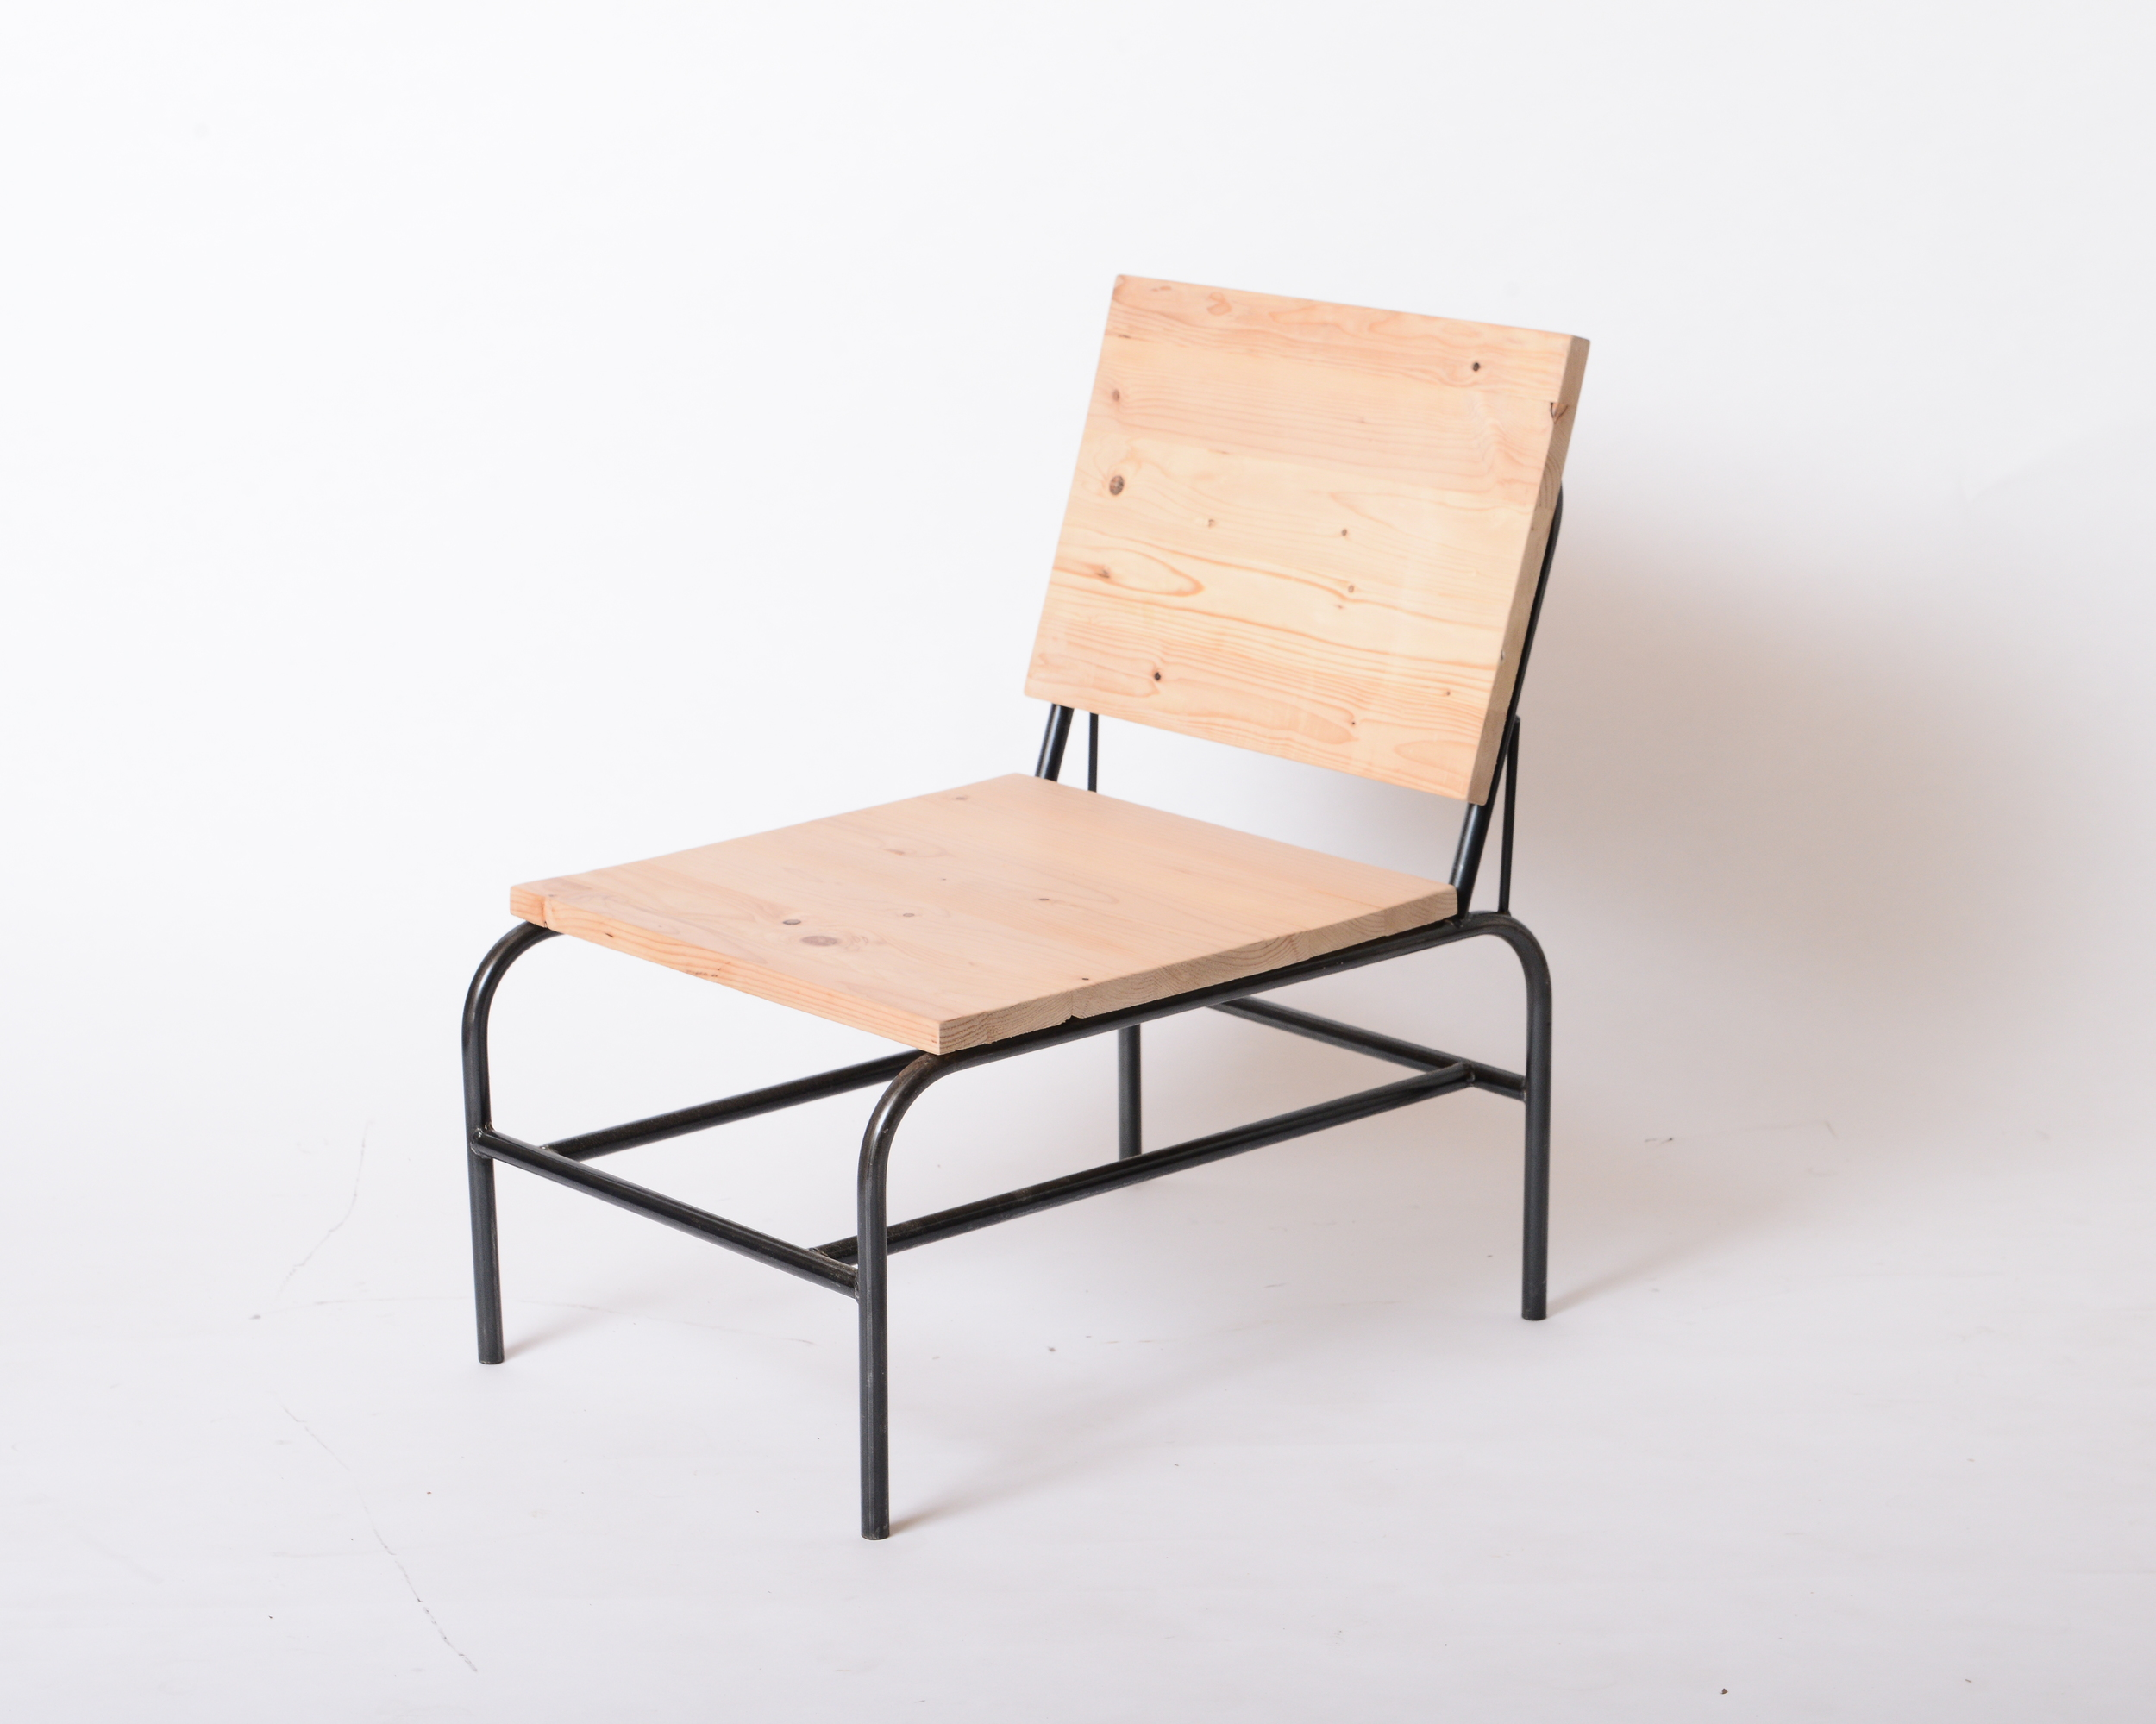 CH12 靠背單人椅 松木/ 栂木   NT 5600/7500 已售出、已停產